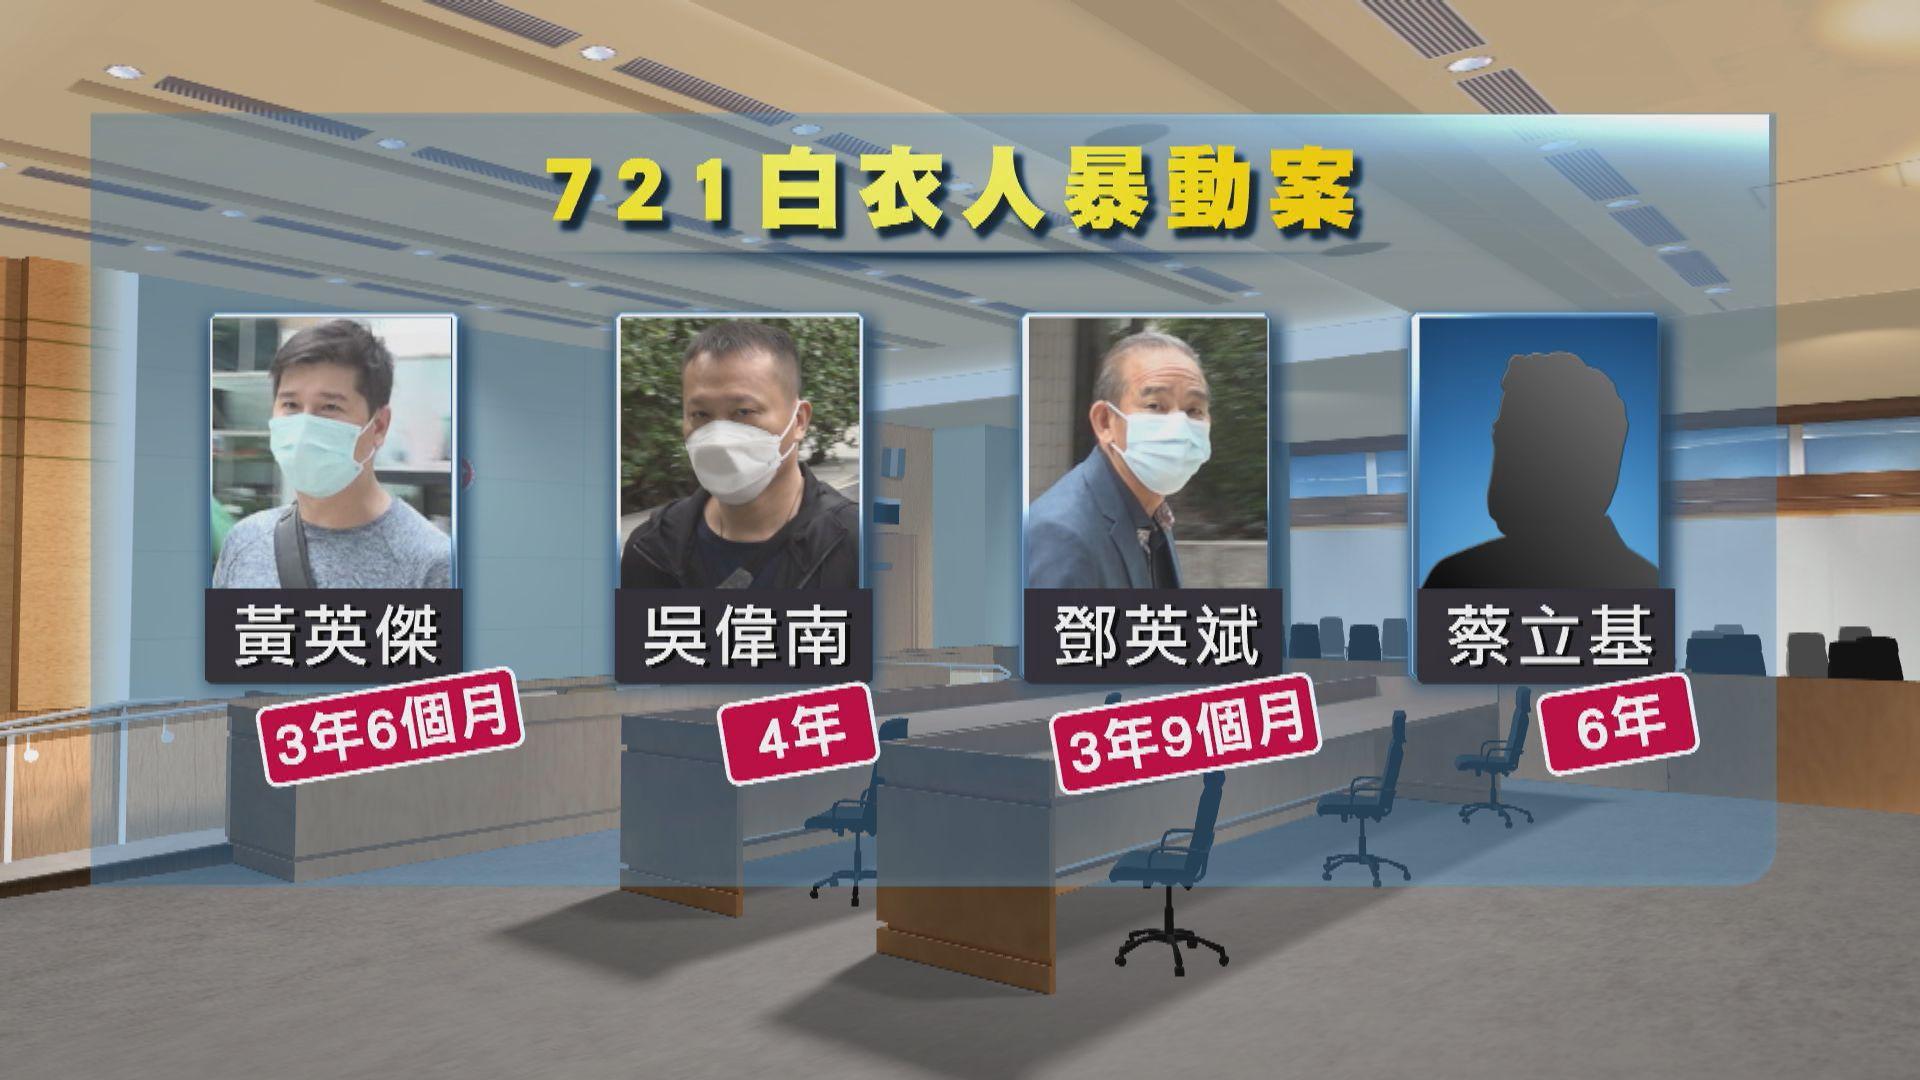 【721白衣人暴動】鄧懷琛囚七年為區院最高刑期 官:指揮角色罪加一等